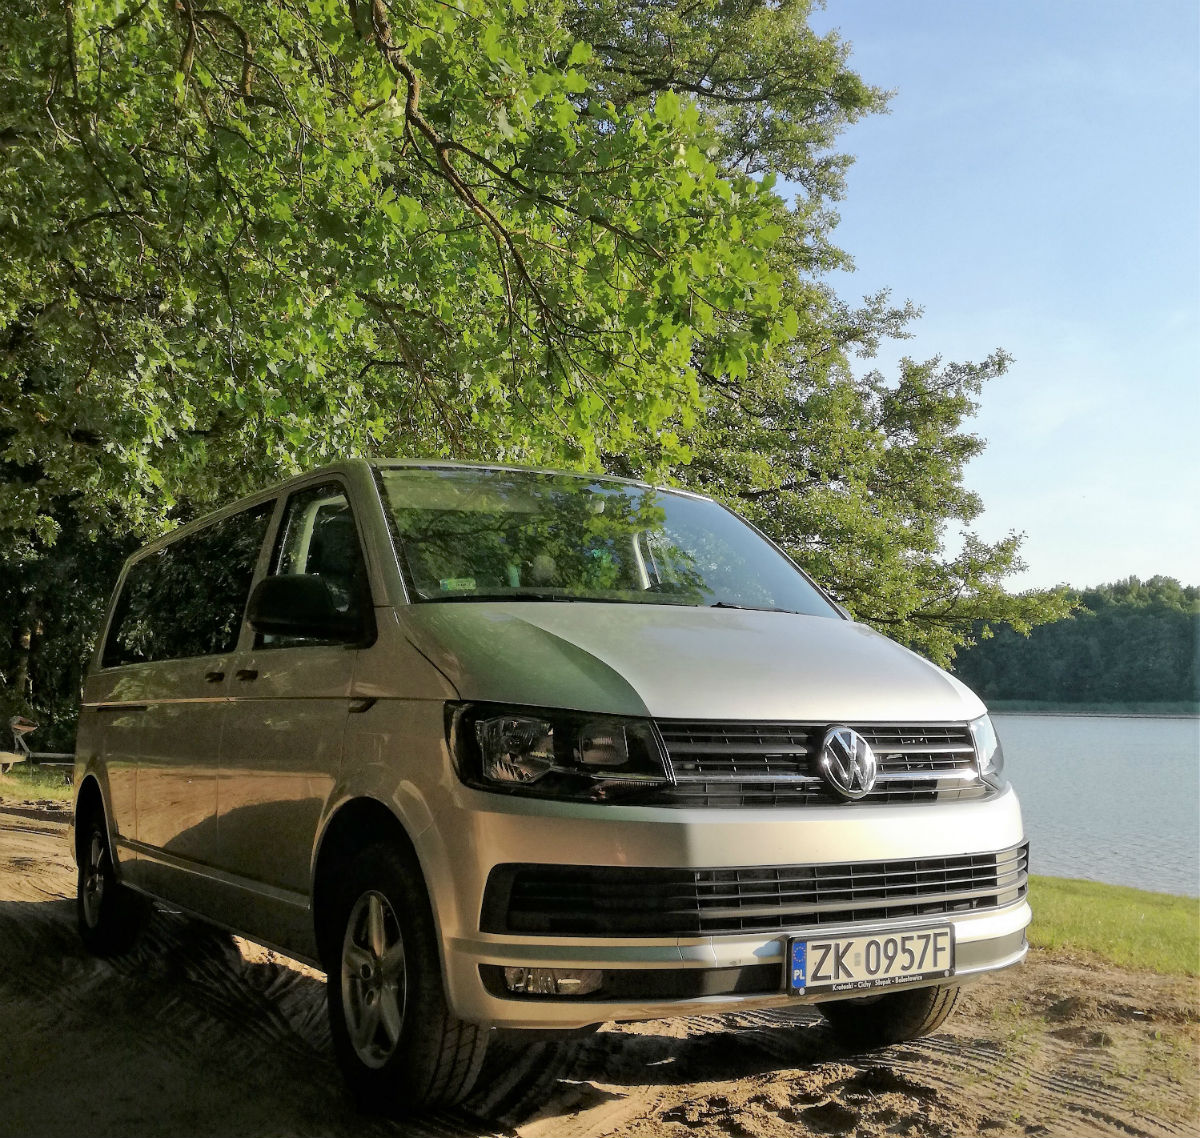 VW CARAVELLE - 250.00 pln/doba - kaucja 500.00 pln